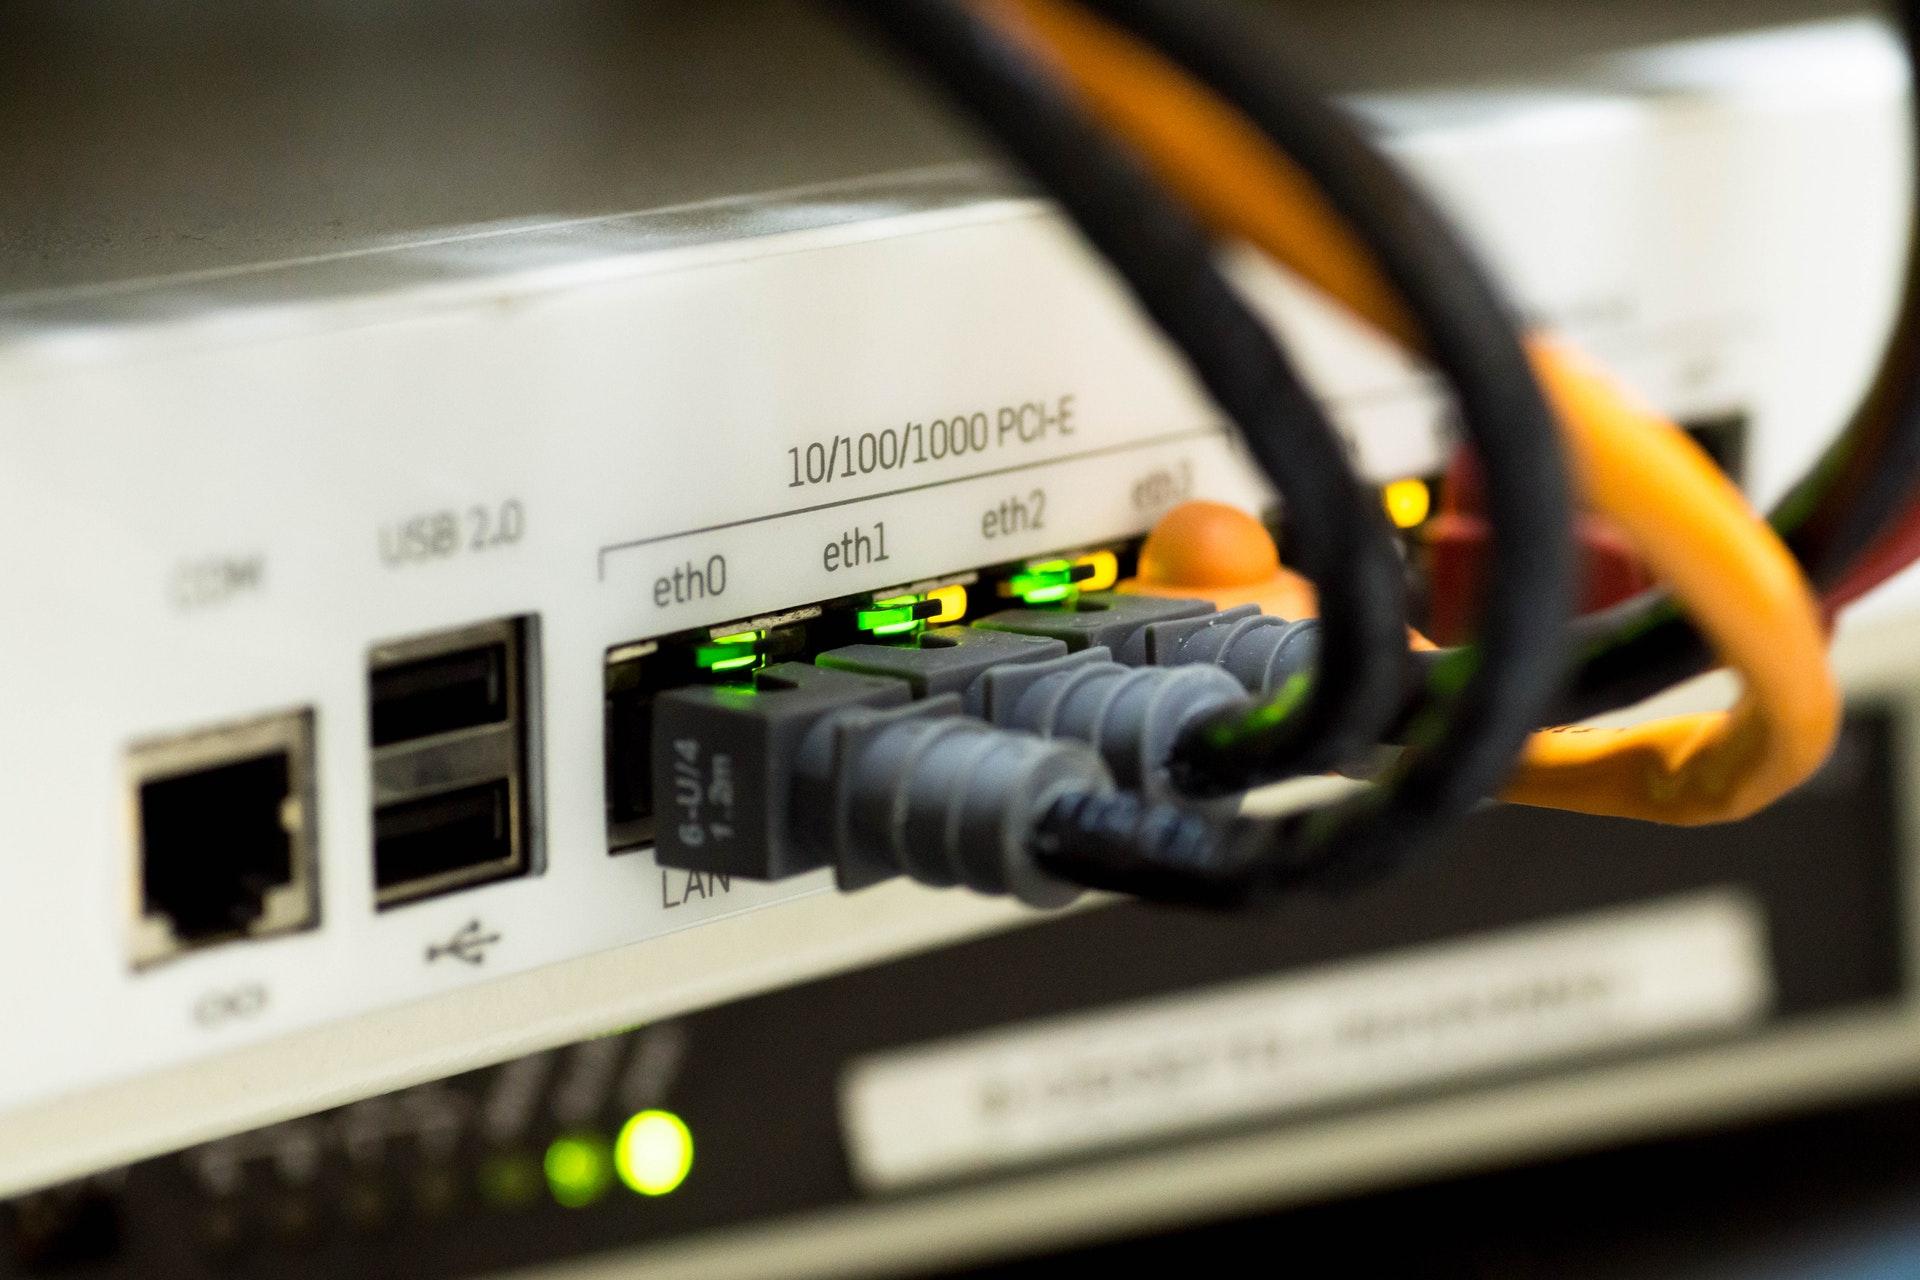 Προγράμματα ίντερνετ χωρίς σταθερό